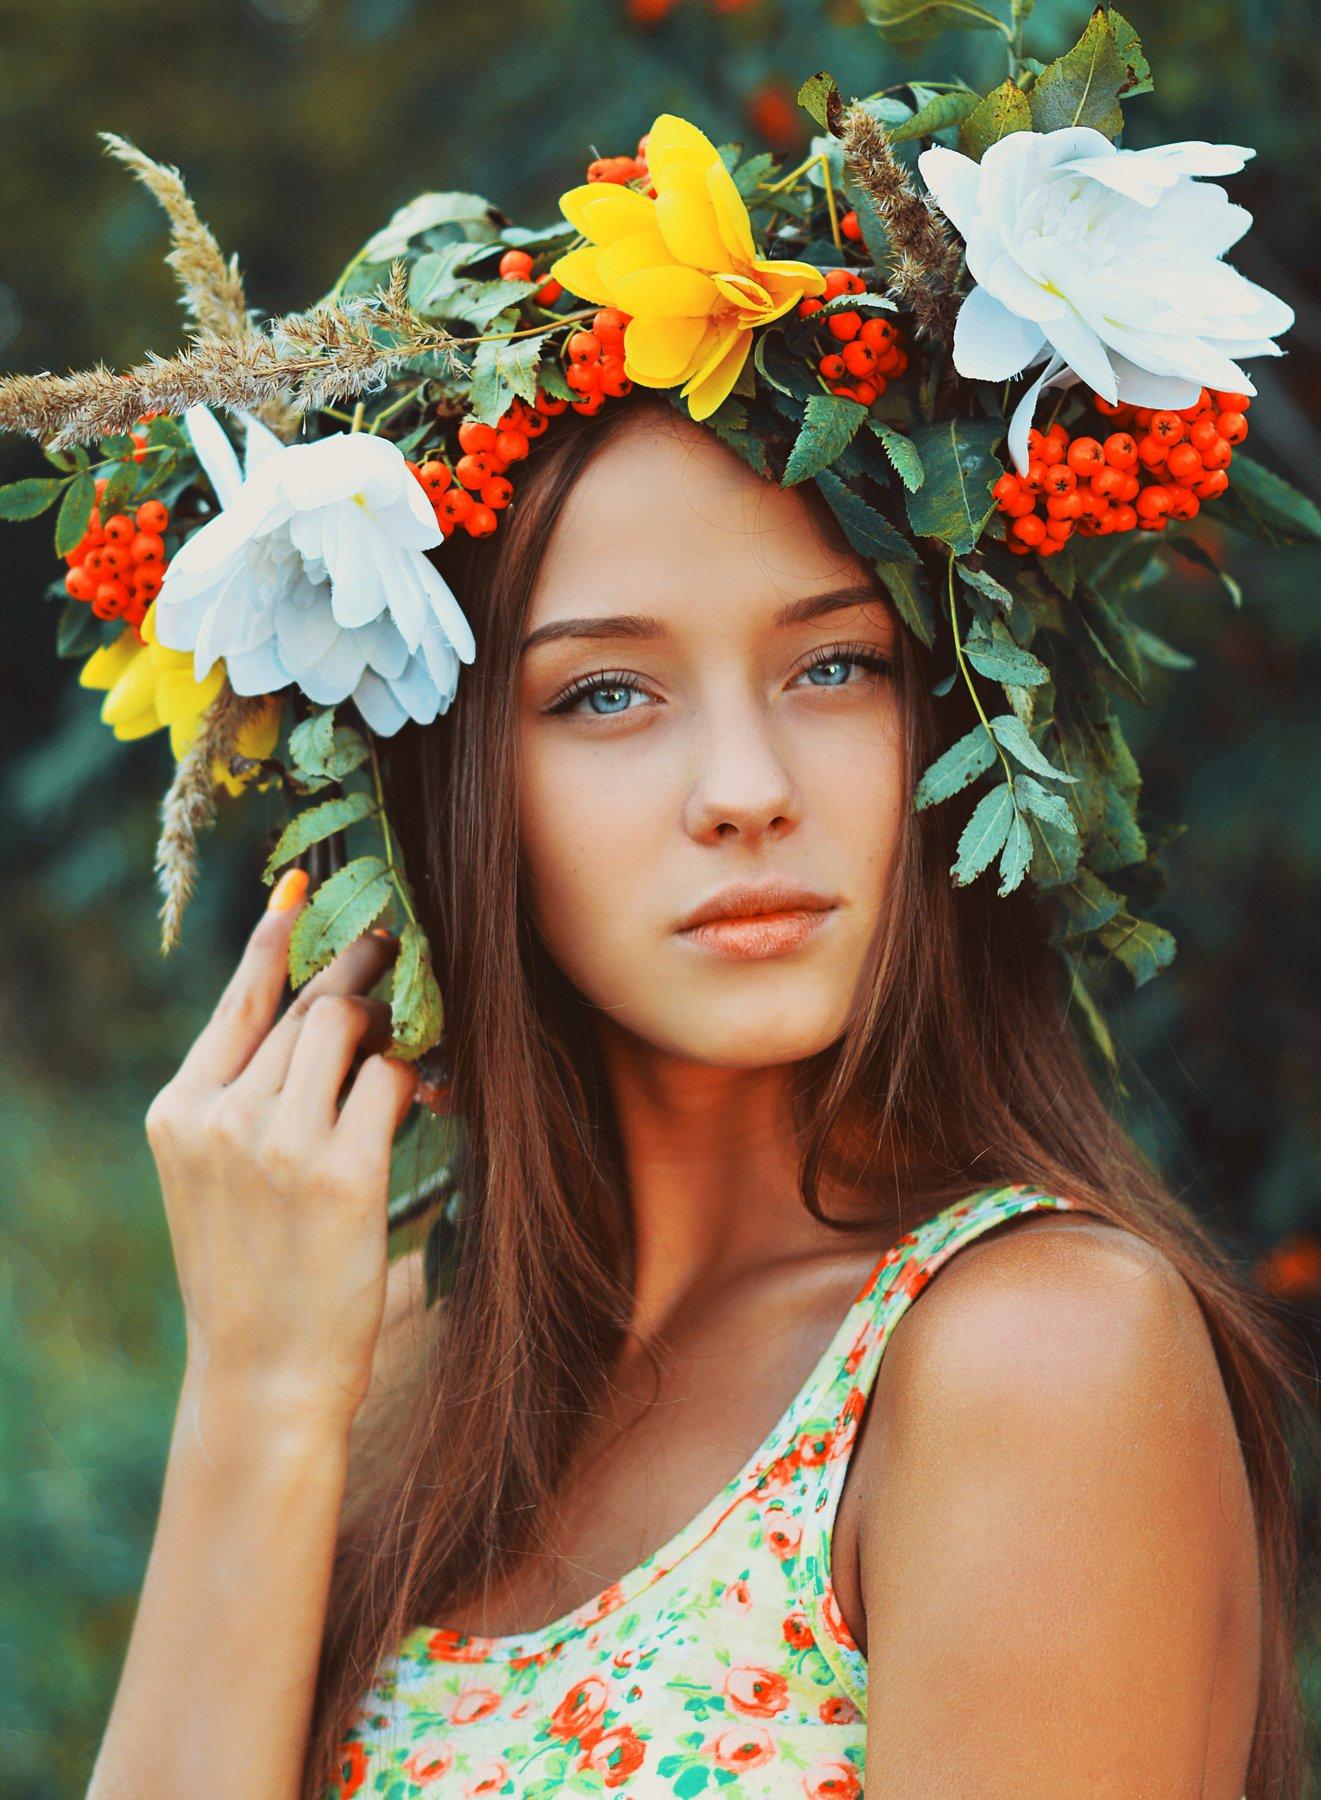 итальянская фотомодель с венком модель